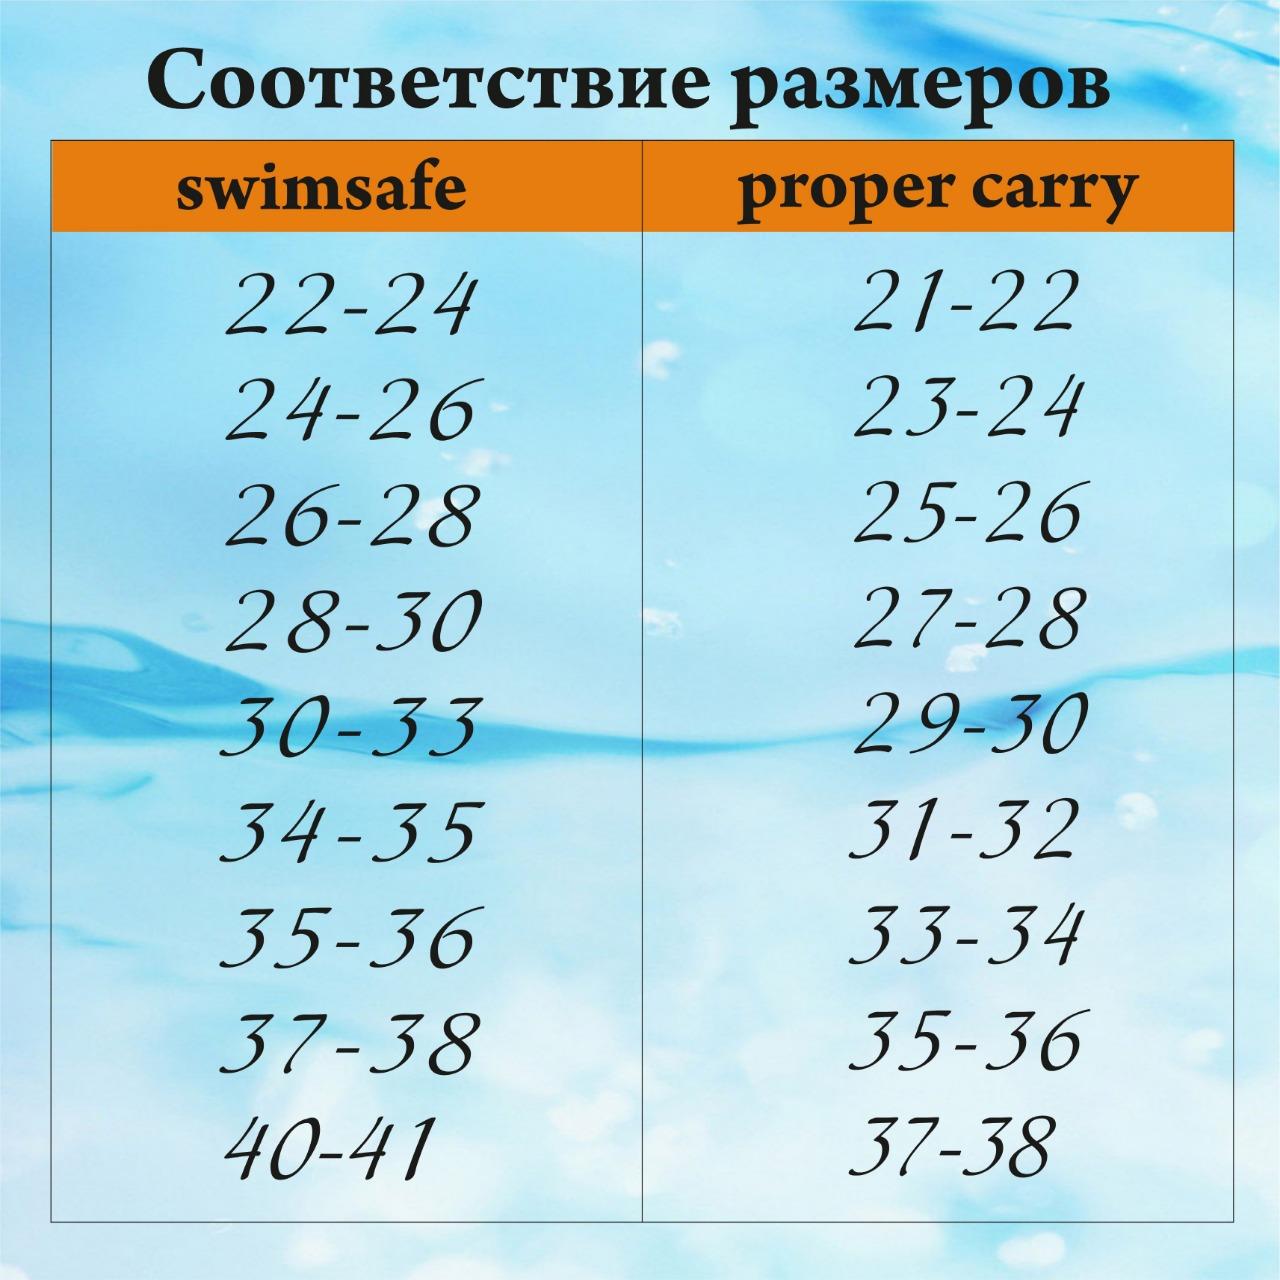 Детские ласты для плавания Proper-Carry Super Elastic размер 21-22, 23-24, 25-26, 27-28, 29-30, - фото 12